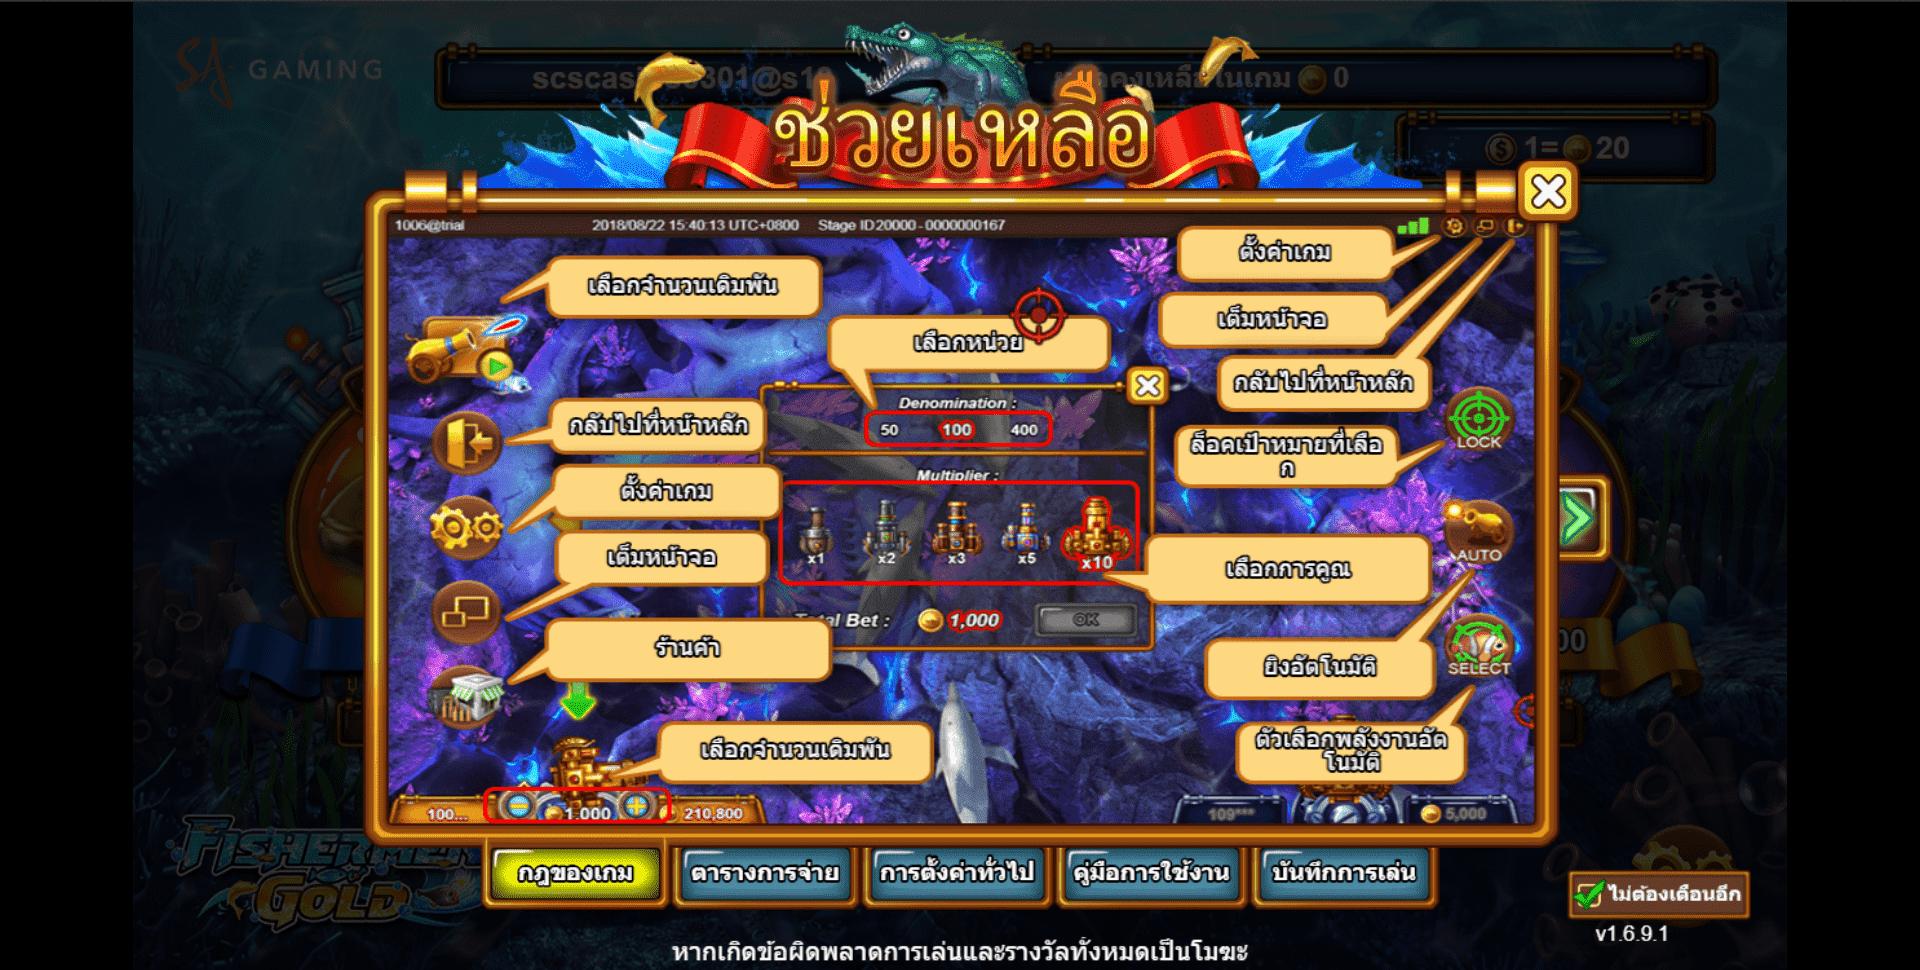 1. หน้าแรกของเกมส์-ช่วยเหลือ sa gameth เกมยิงปลา